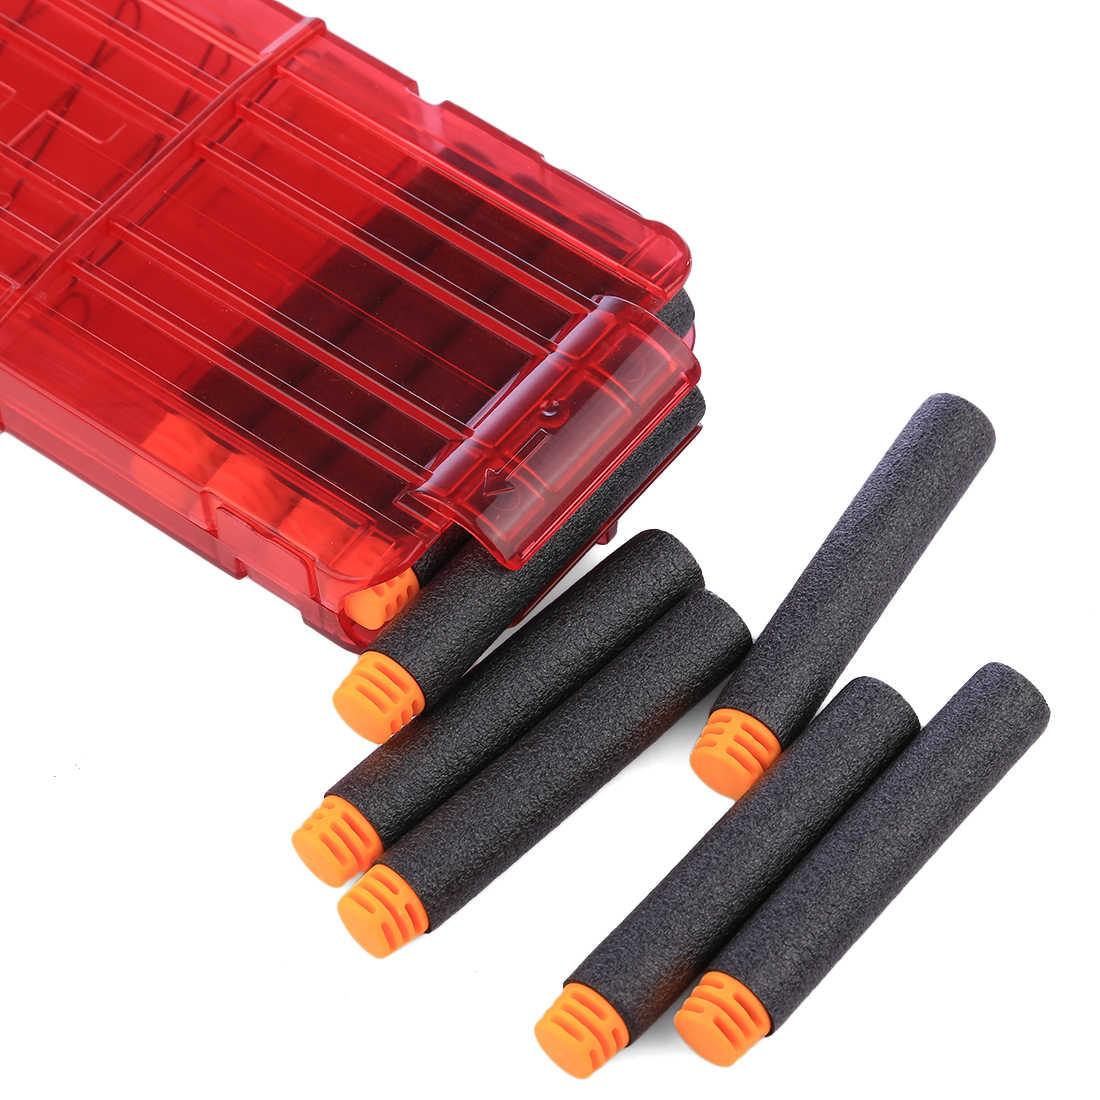 NFSTRIKE 1000 шт Универсальные мягкие пули Дартс для Nerf N-Strike Elite комплект бластеров плоская голова мягкие игрушки патроны для оружия 7,2*1,3 см